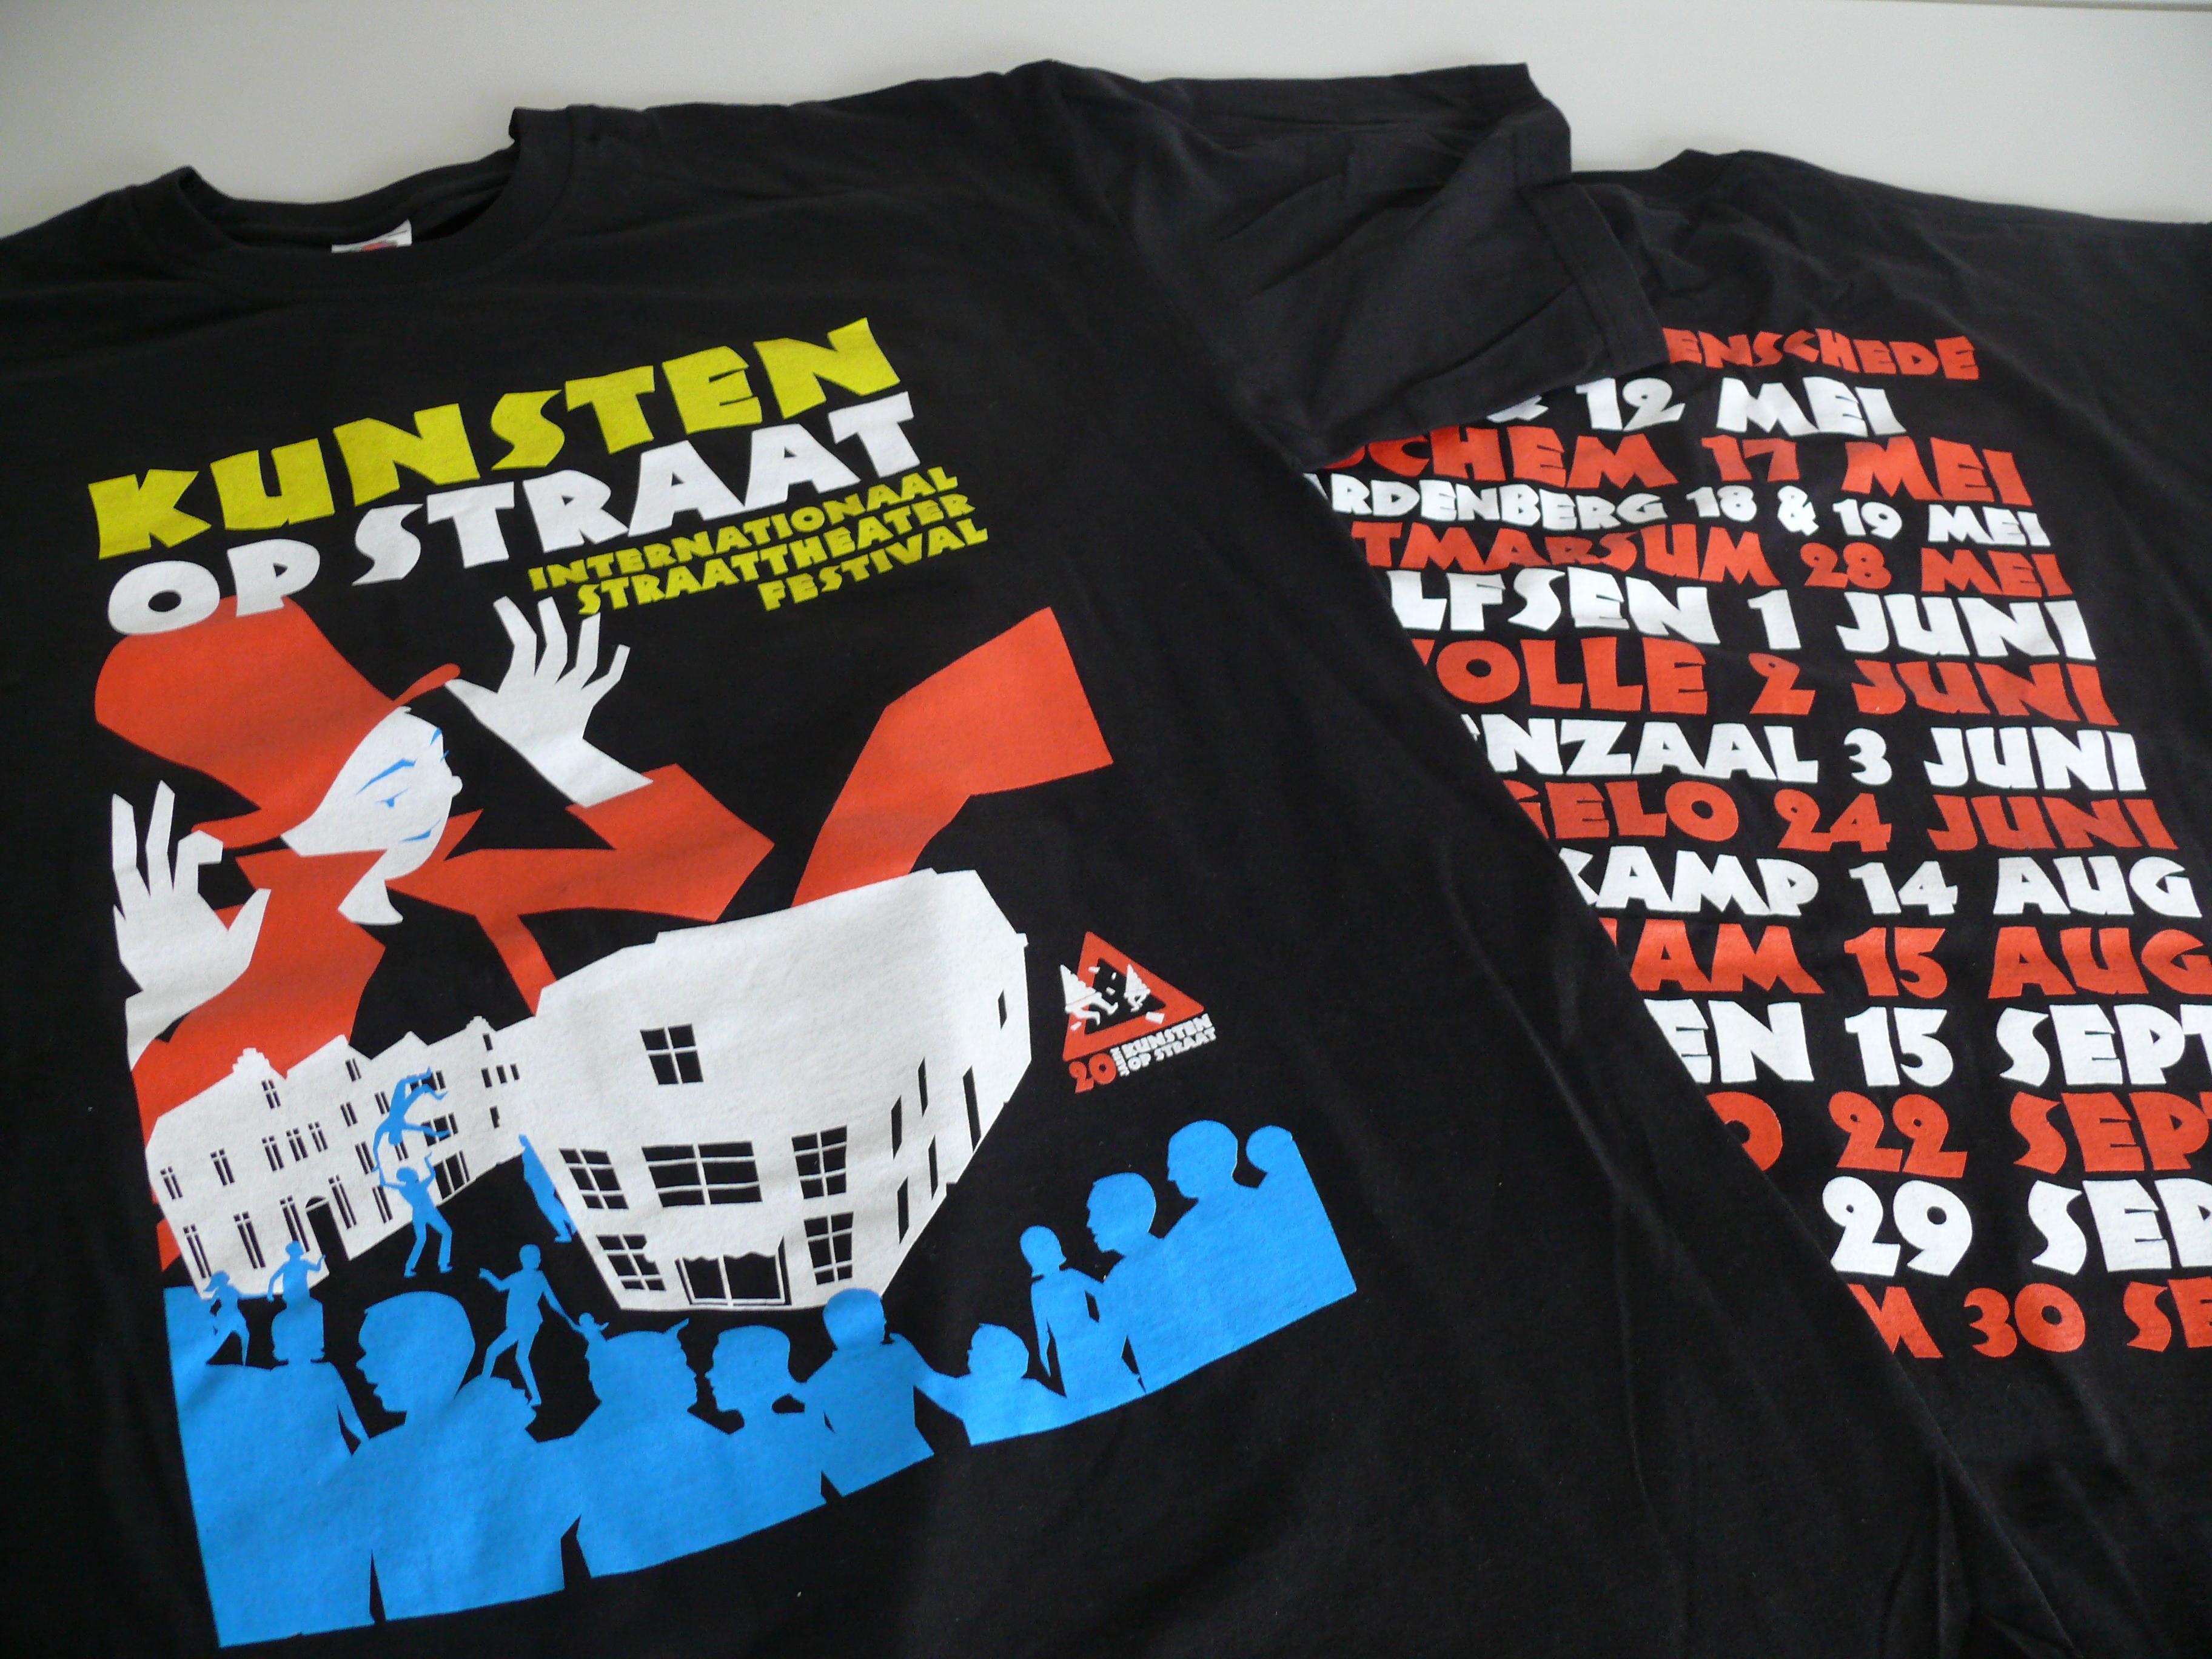 shirt, voor en achterzijde